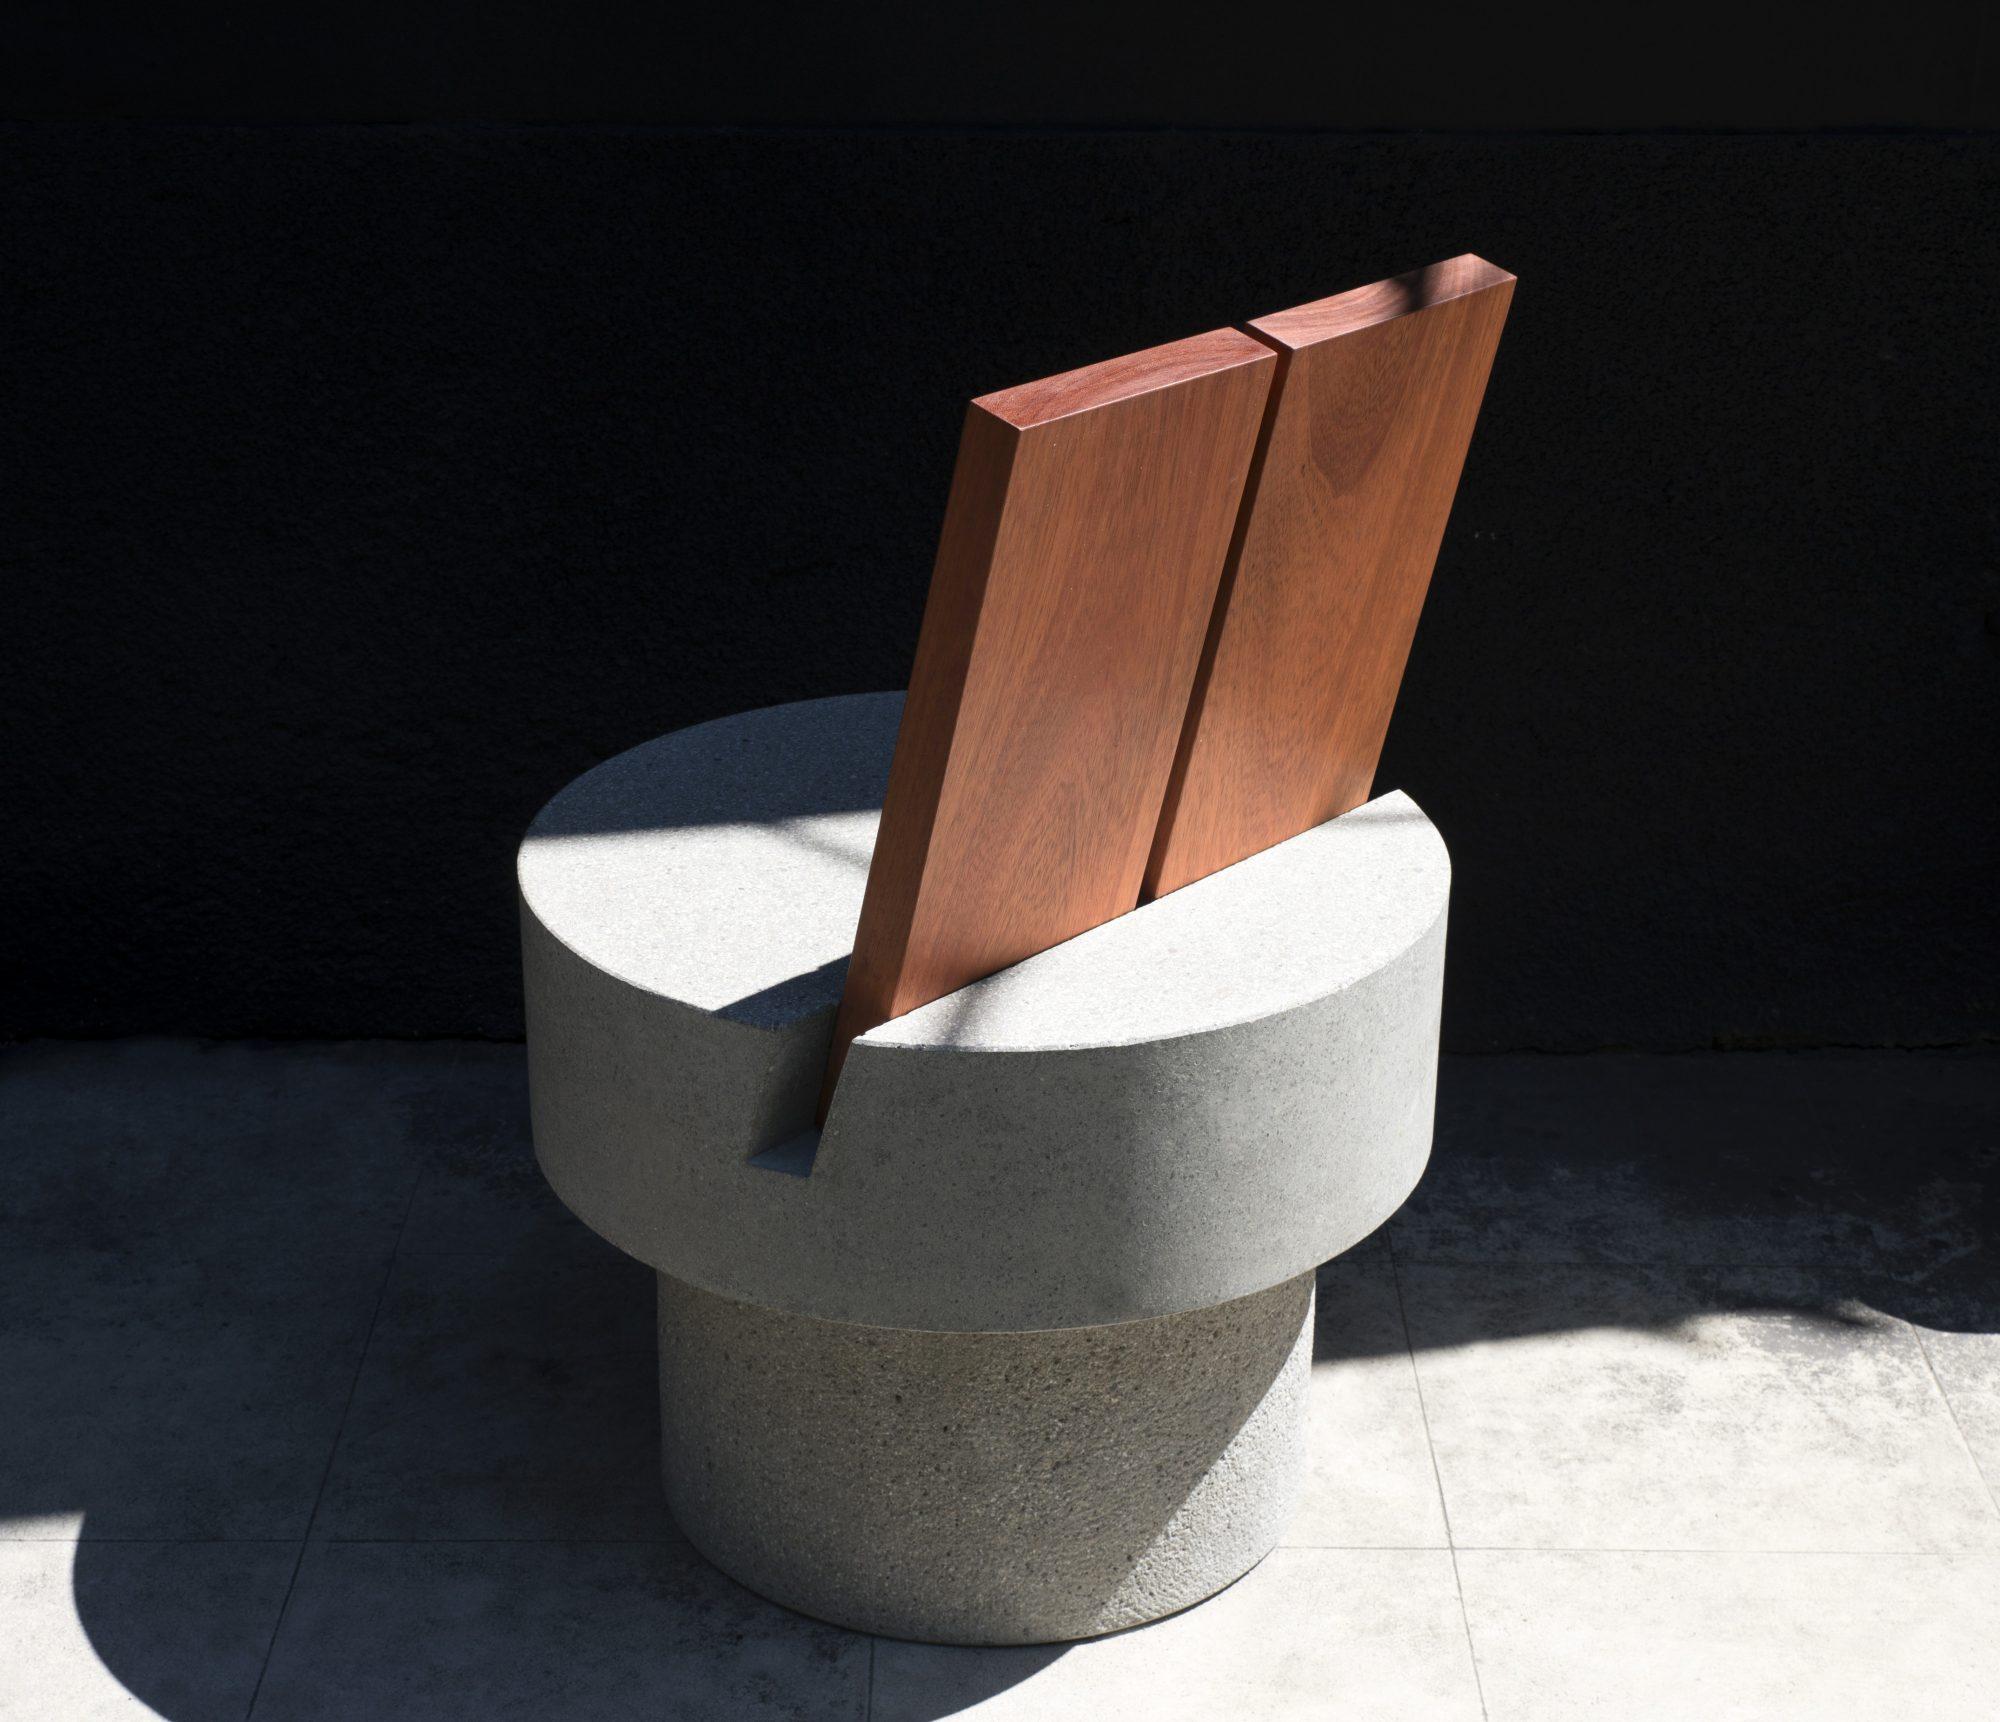 Iroko Concrete Chair Andrea Tog - barenbrug   ello